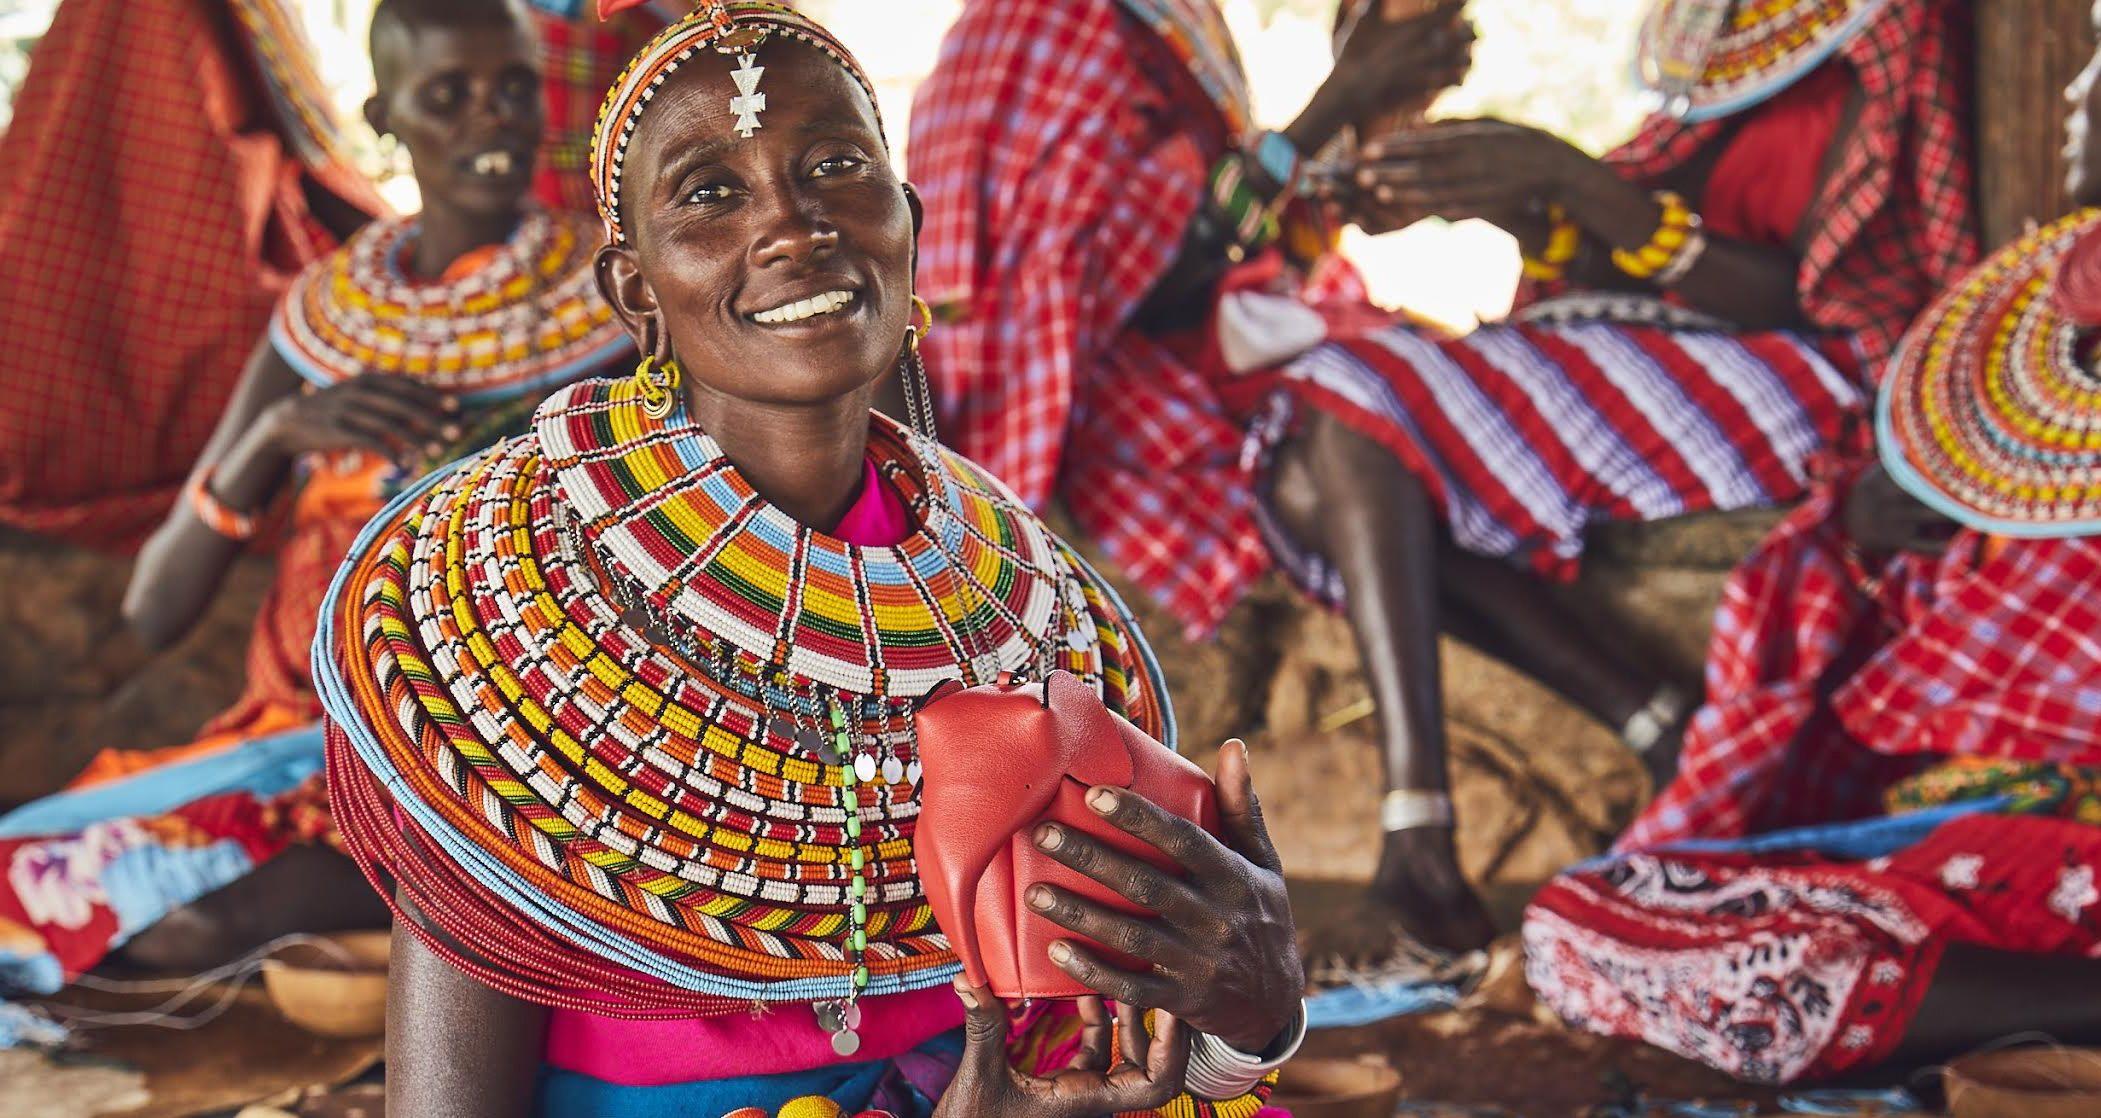 loewe-samburu-cropped-e1531773719888